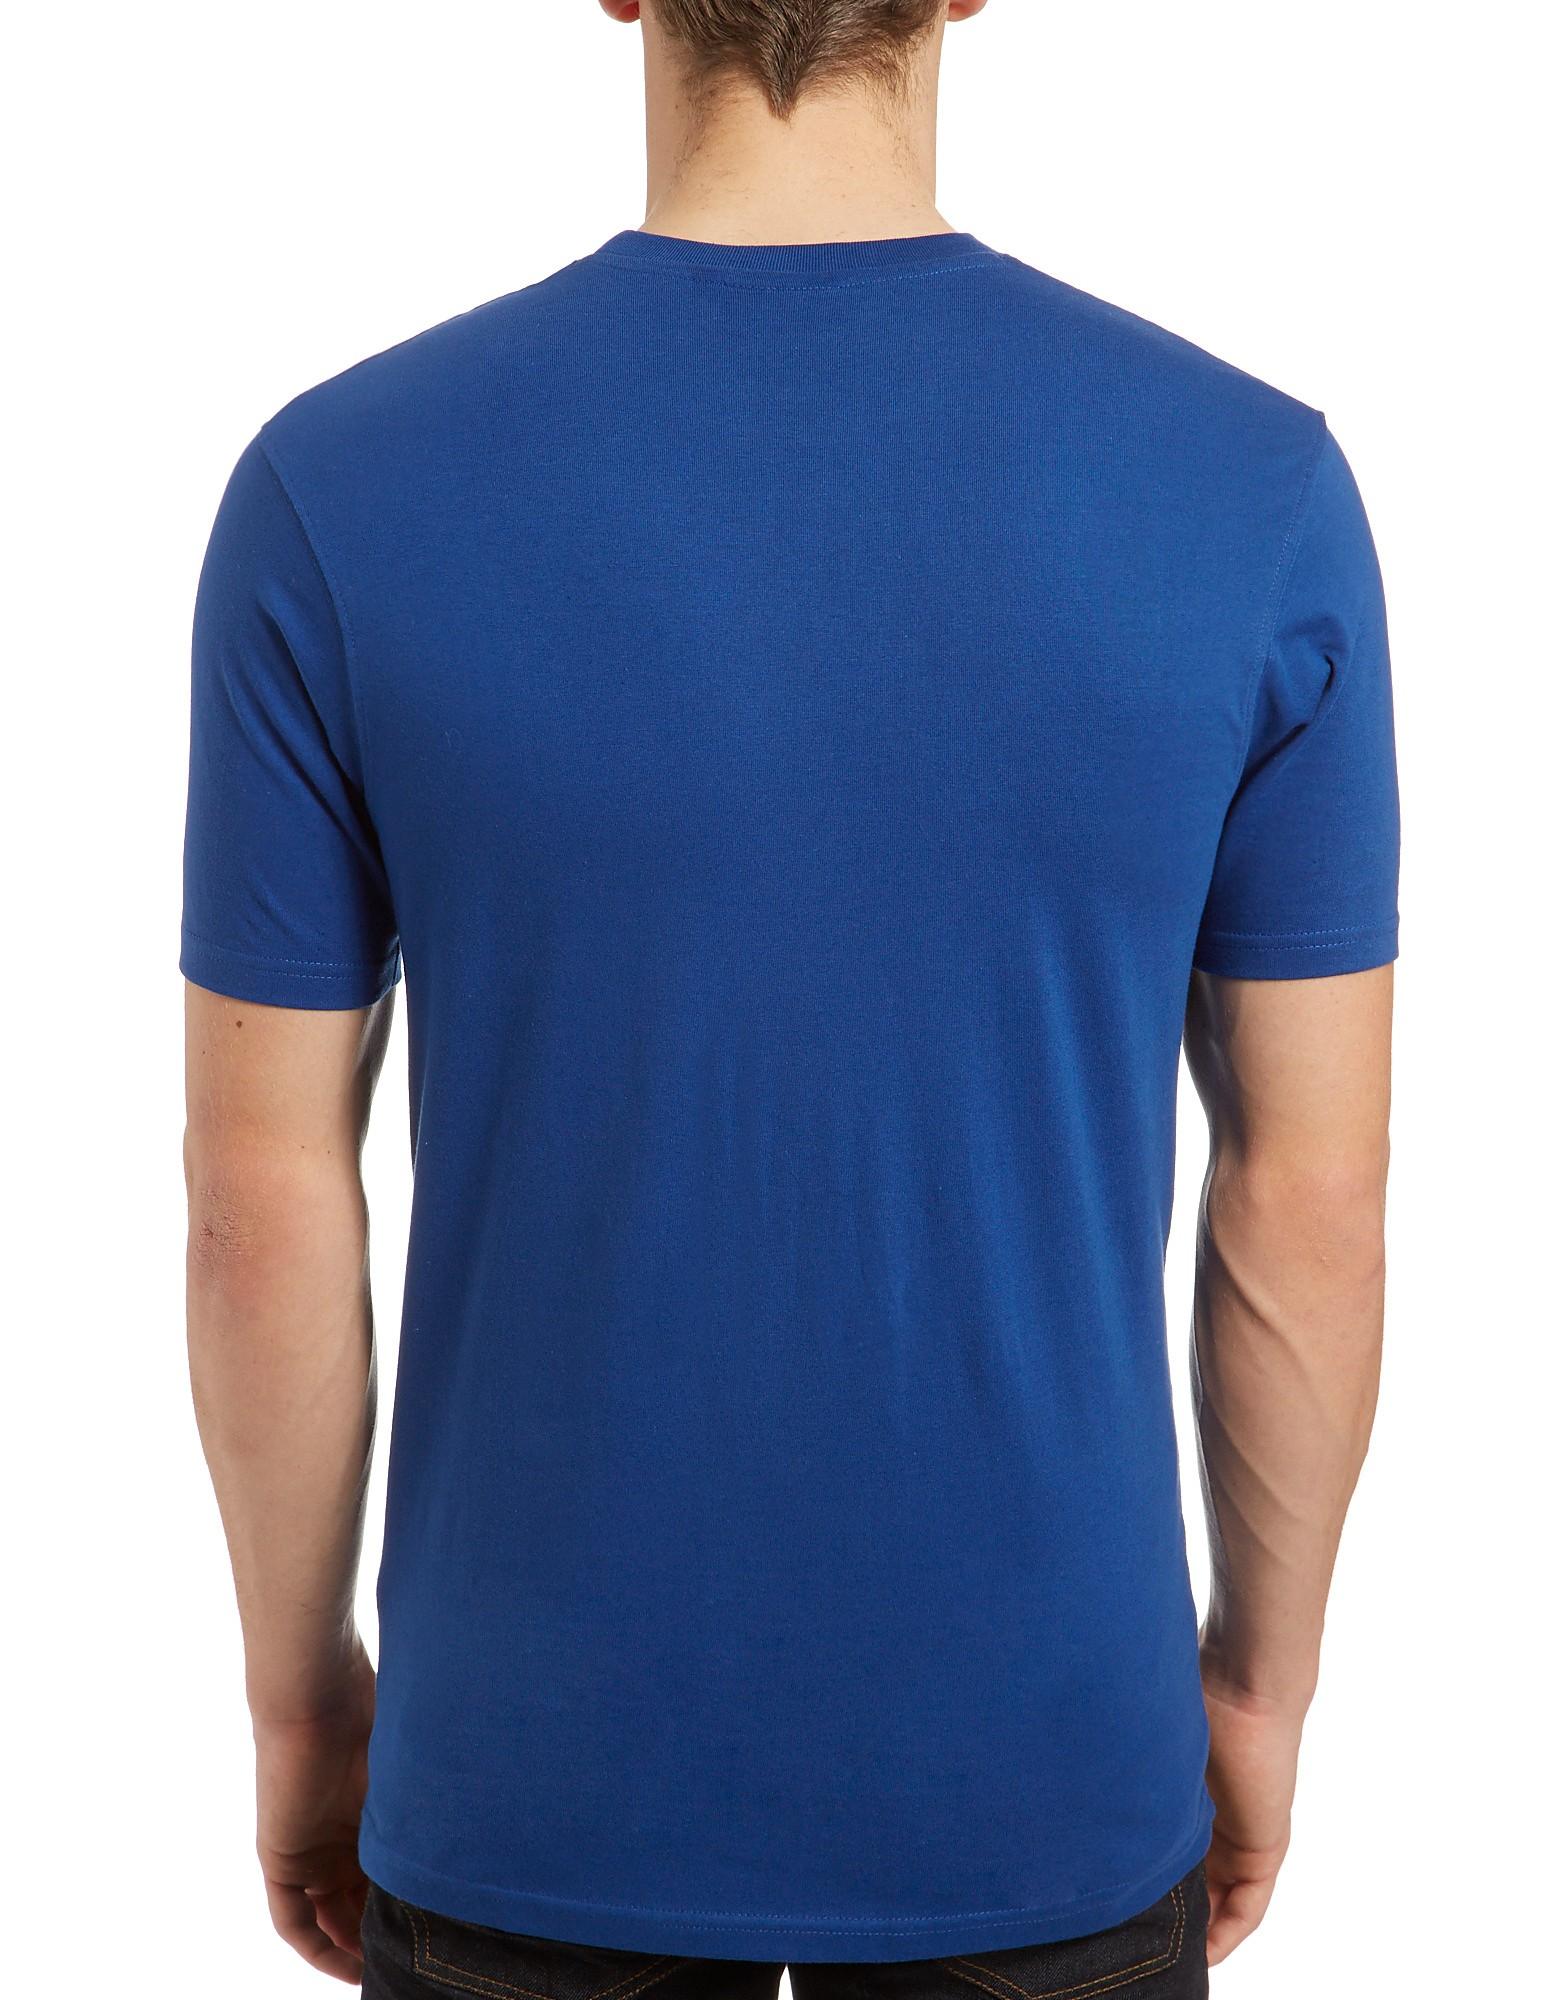 Turnstyle Albert T-Shirt